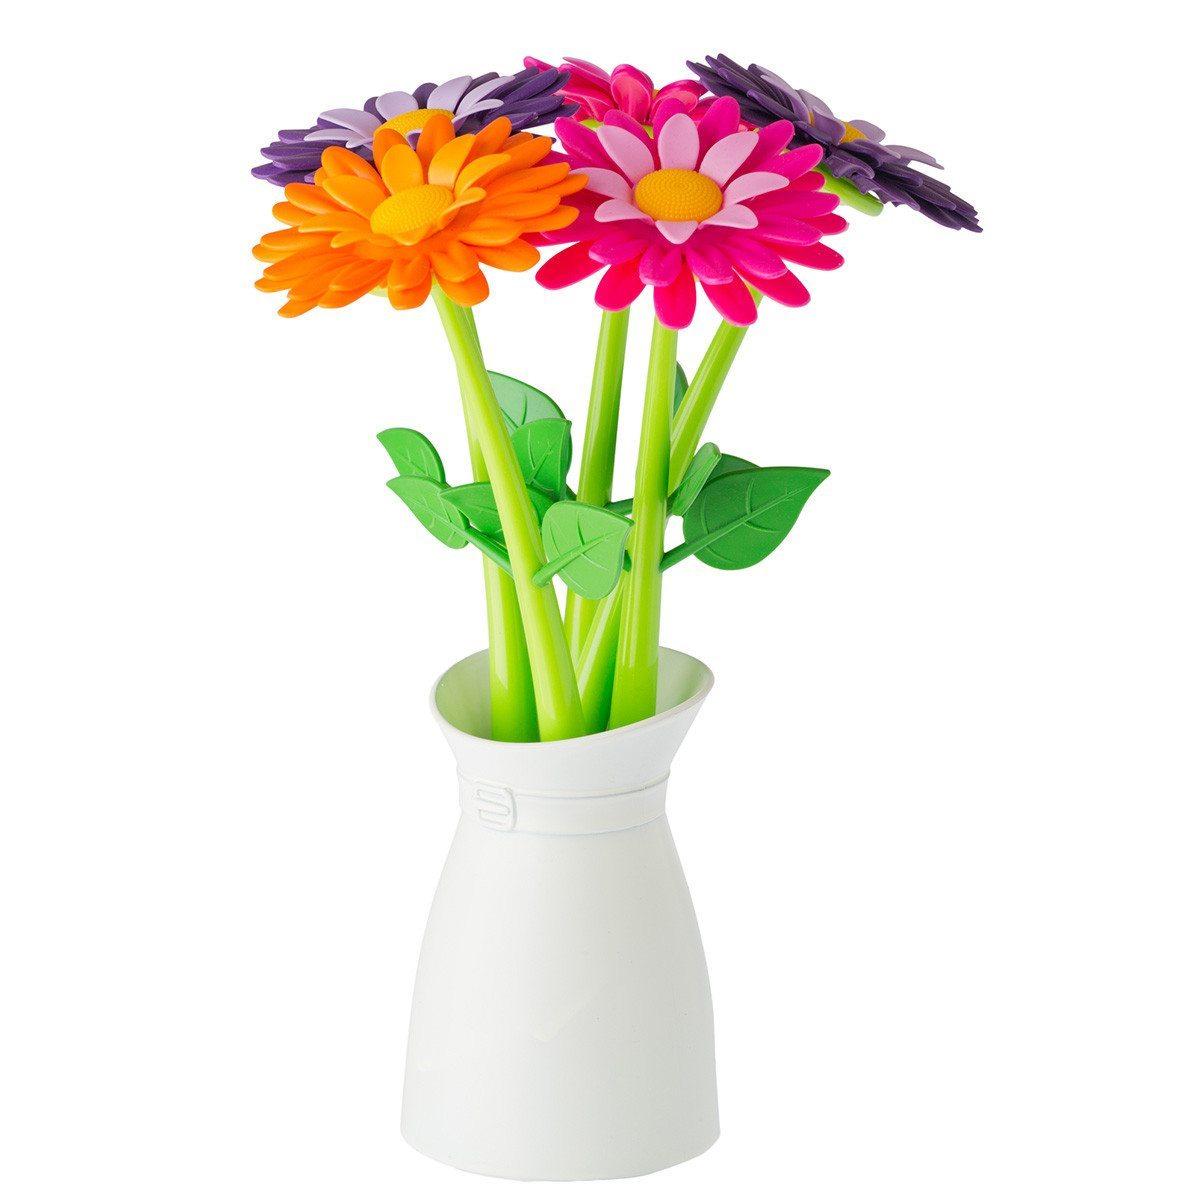 Boligrafos flores